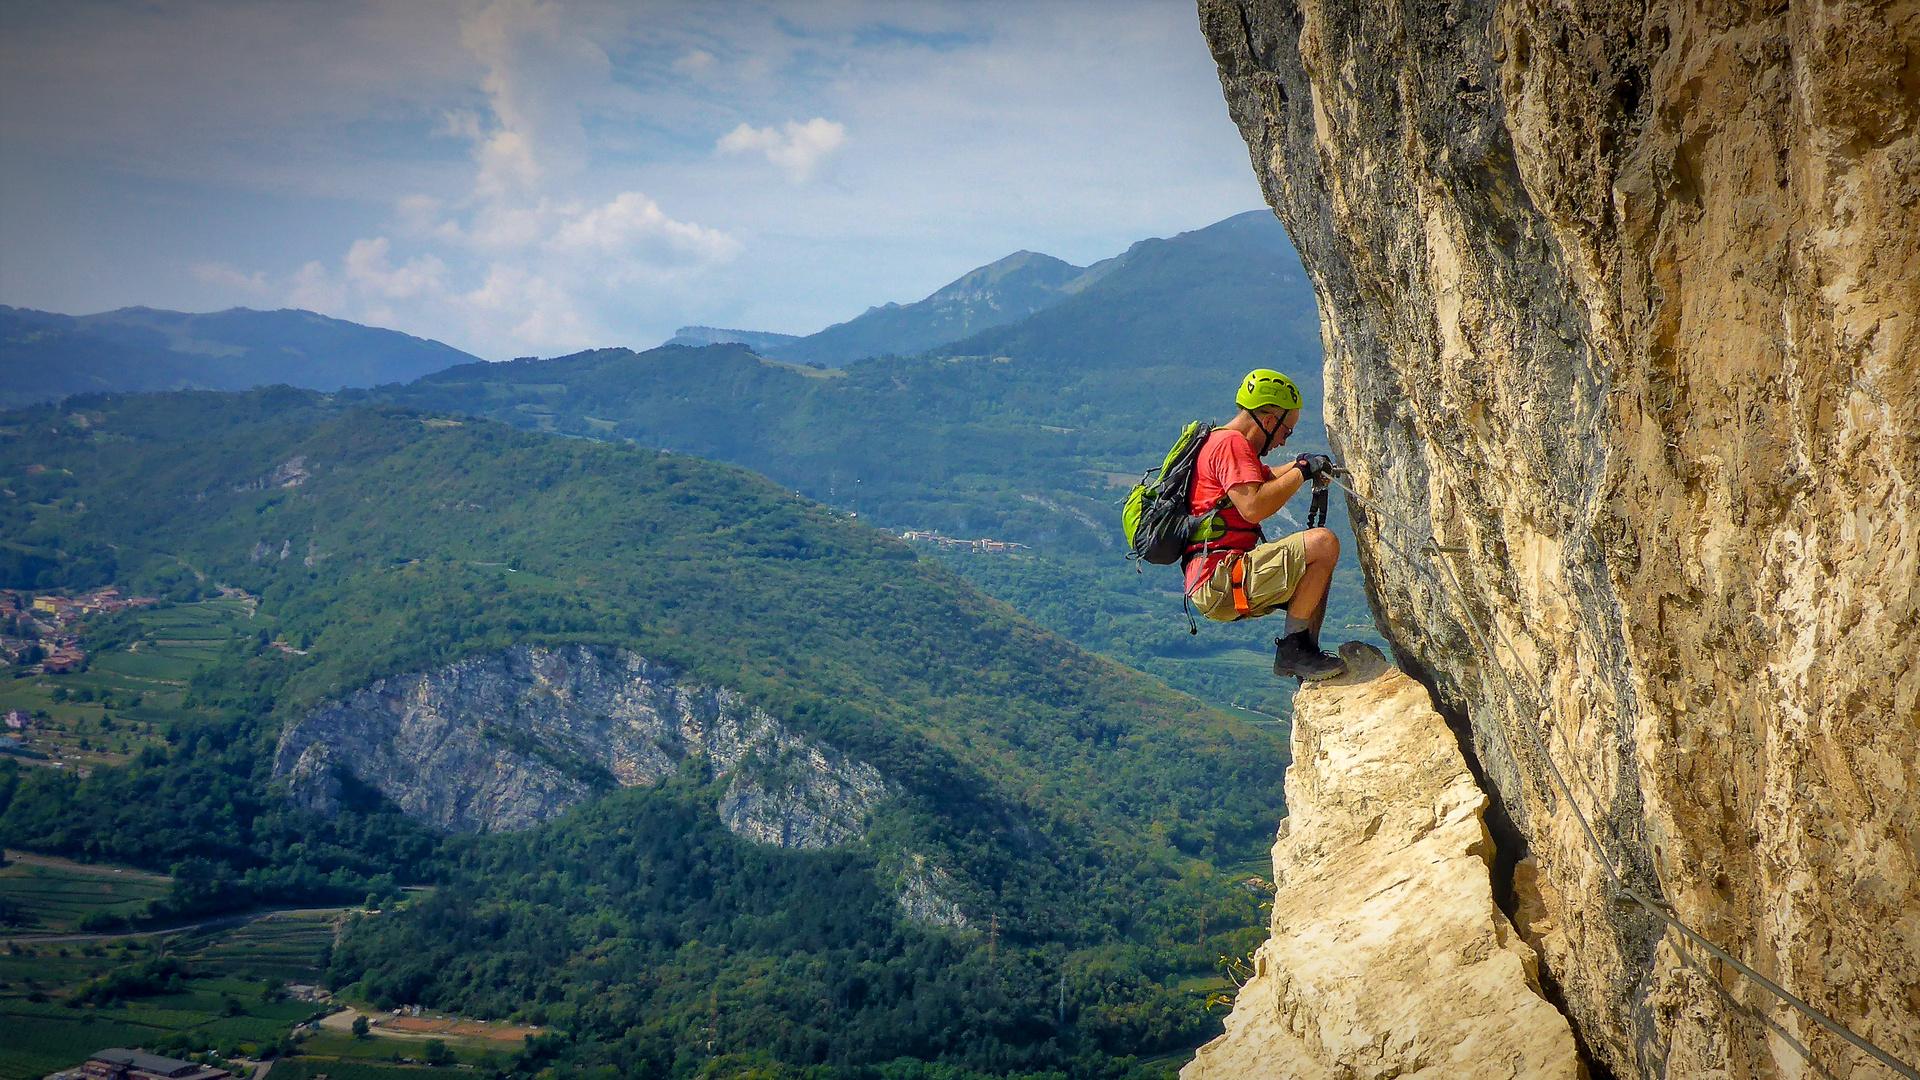 Klettersteig Gardasee : Gardasee klettersteig bei mori foto & bild eisenbahn